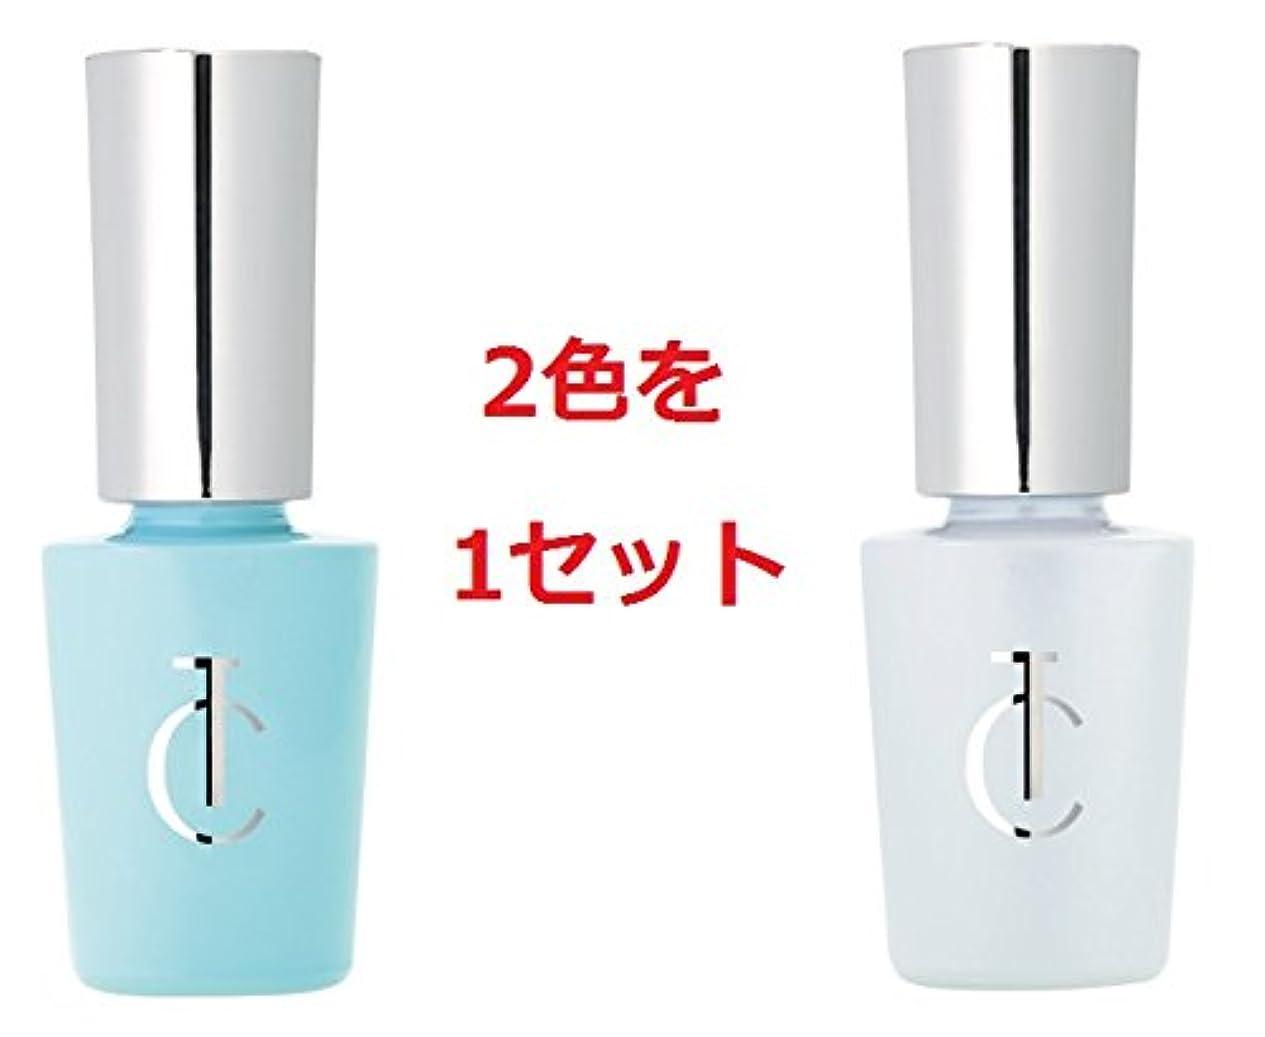 一般的に最小化するコントローラTooColor アクアパール、ピュアホワイト2色セット品 [口腔化粧品 歯のマニキュア]マイクロソリューション